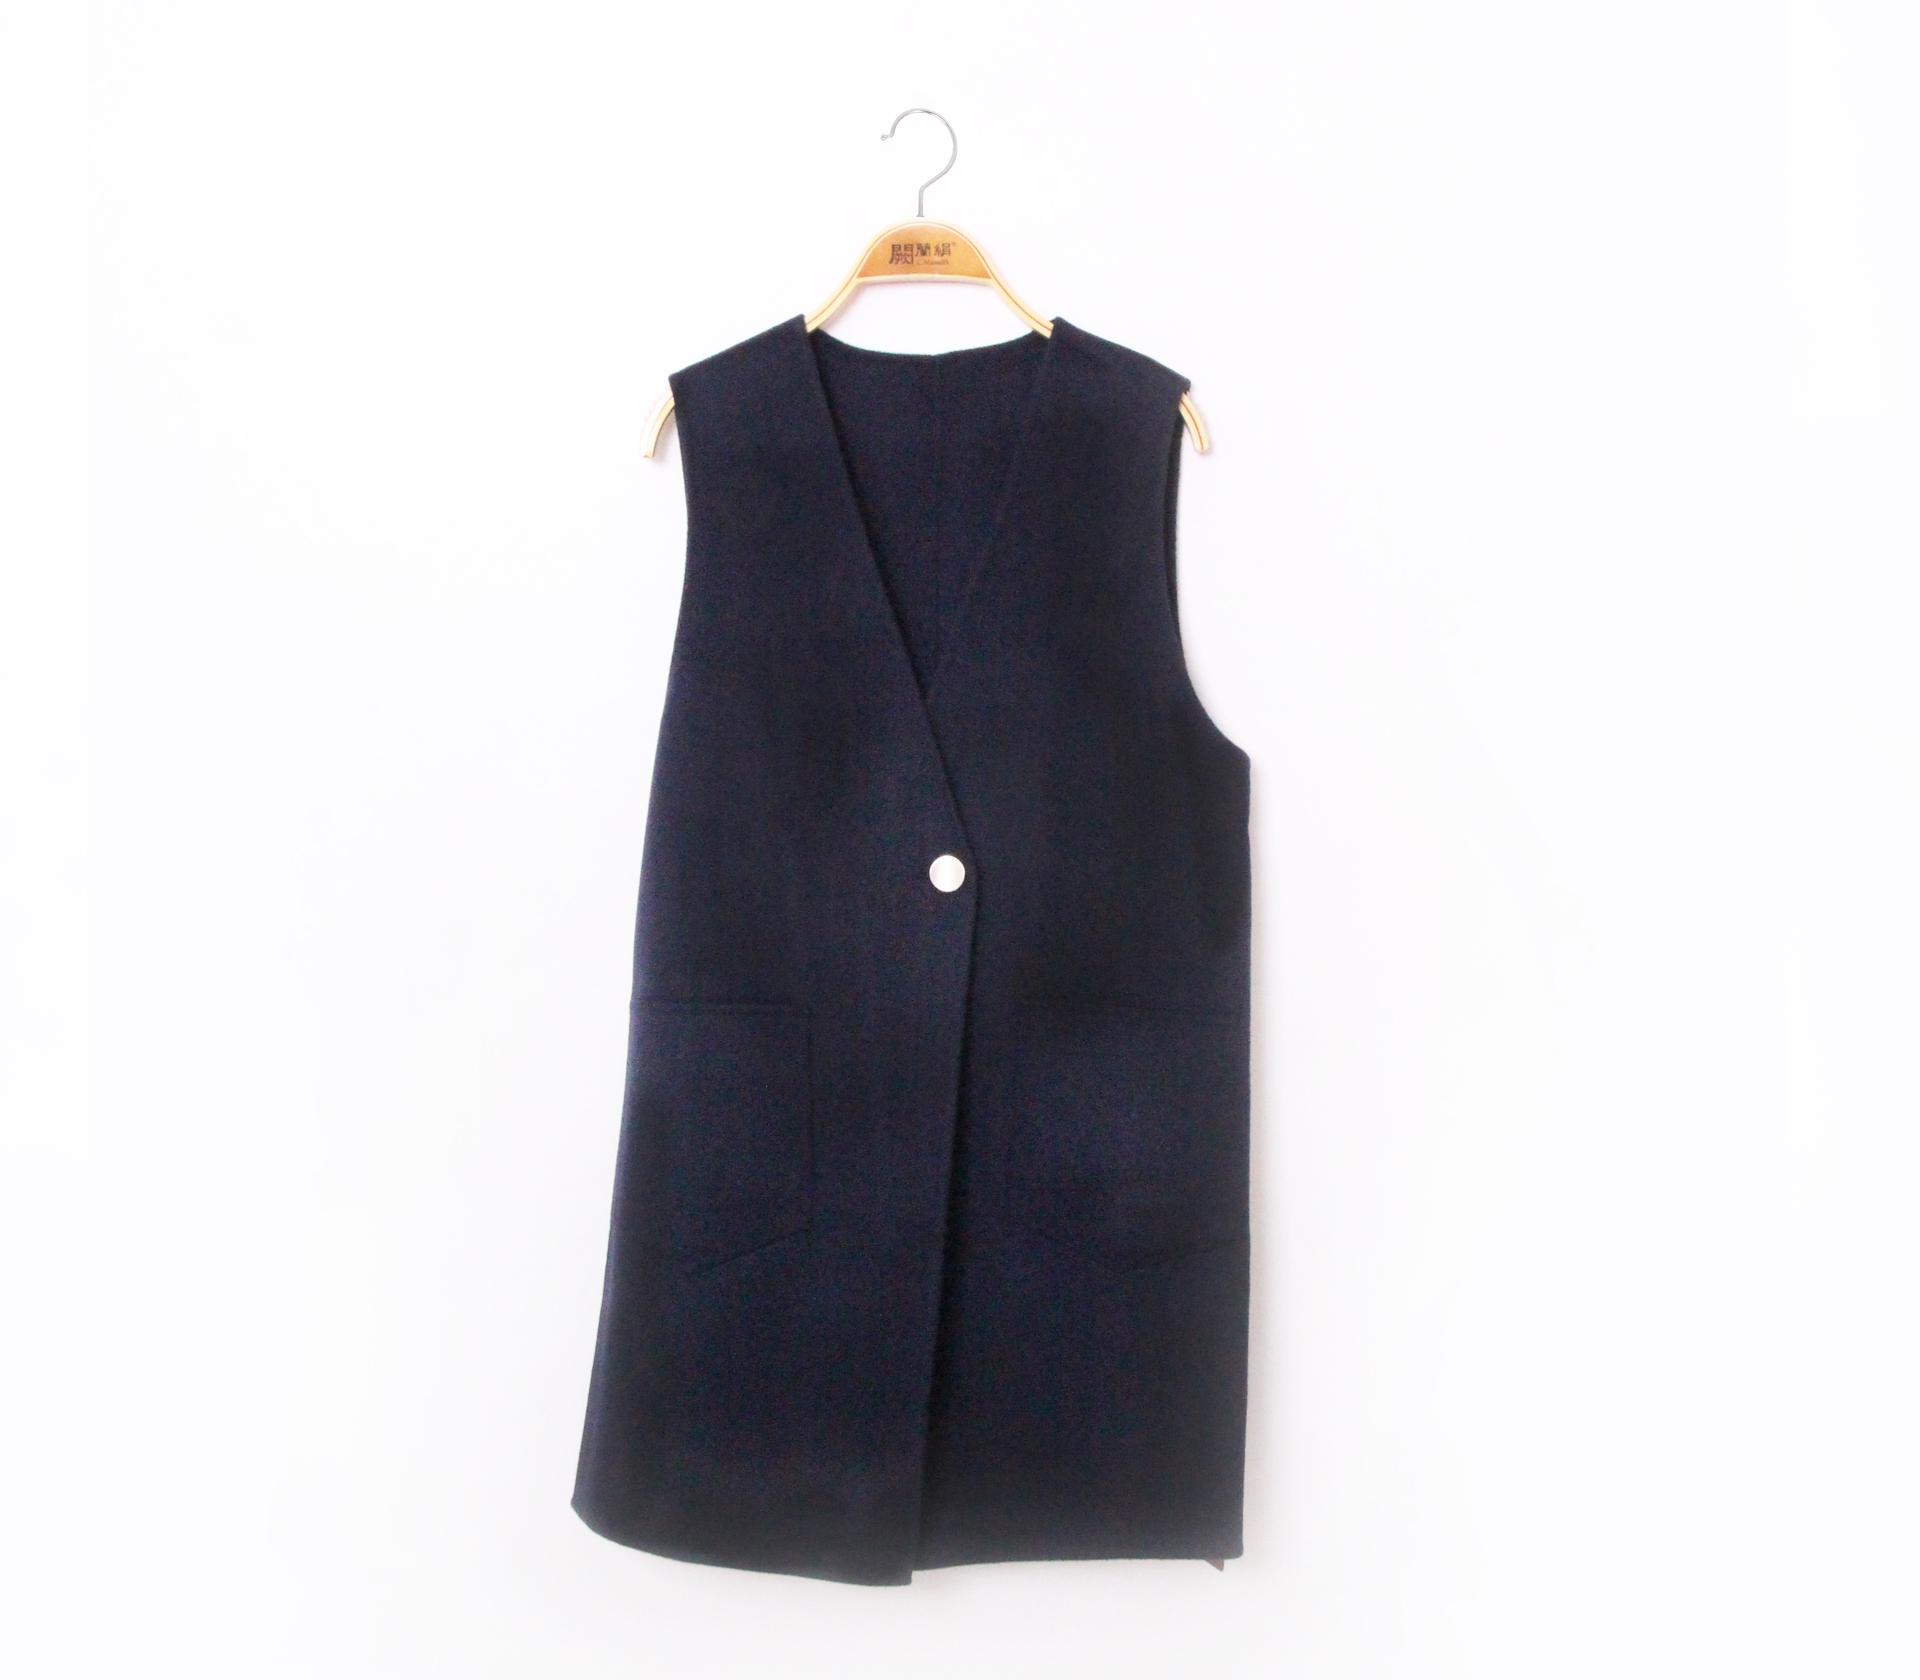 闕蘭絹簡約版長版羊毛背心-藍色-291-3